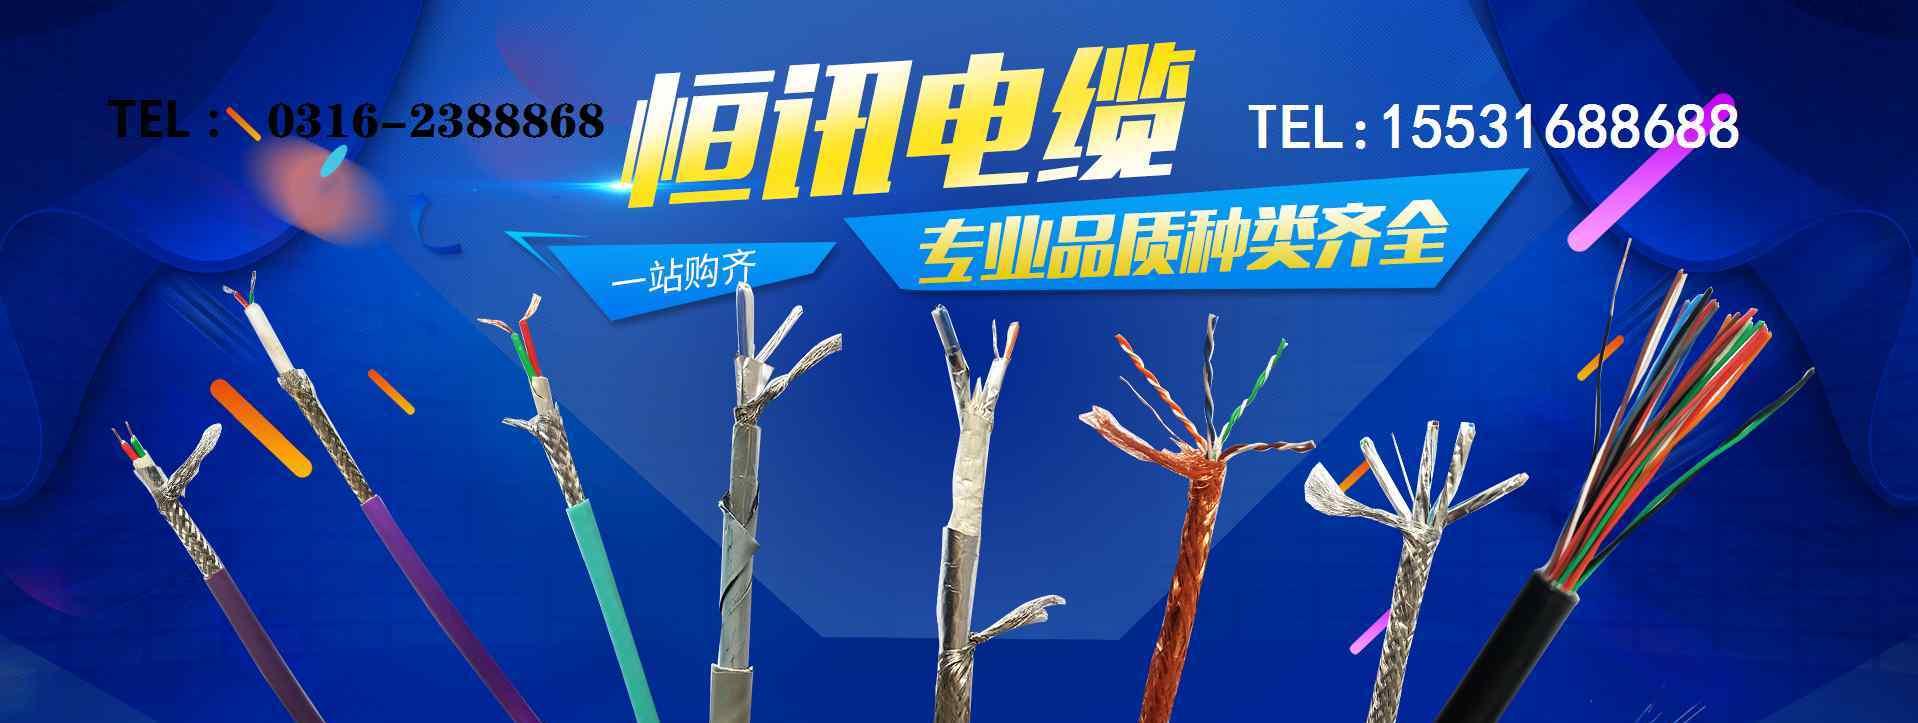 矿用光缆型号 MGTSV矿用光缆,煤矿用阻燃通信光缆选型表(技术参数)